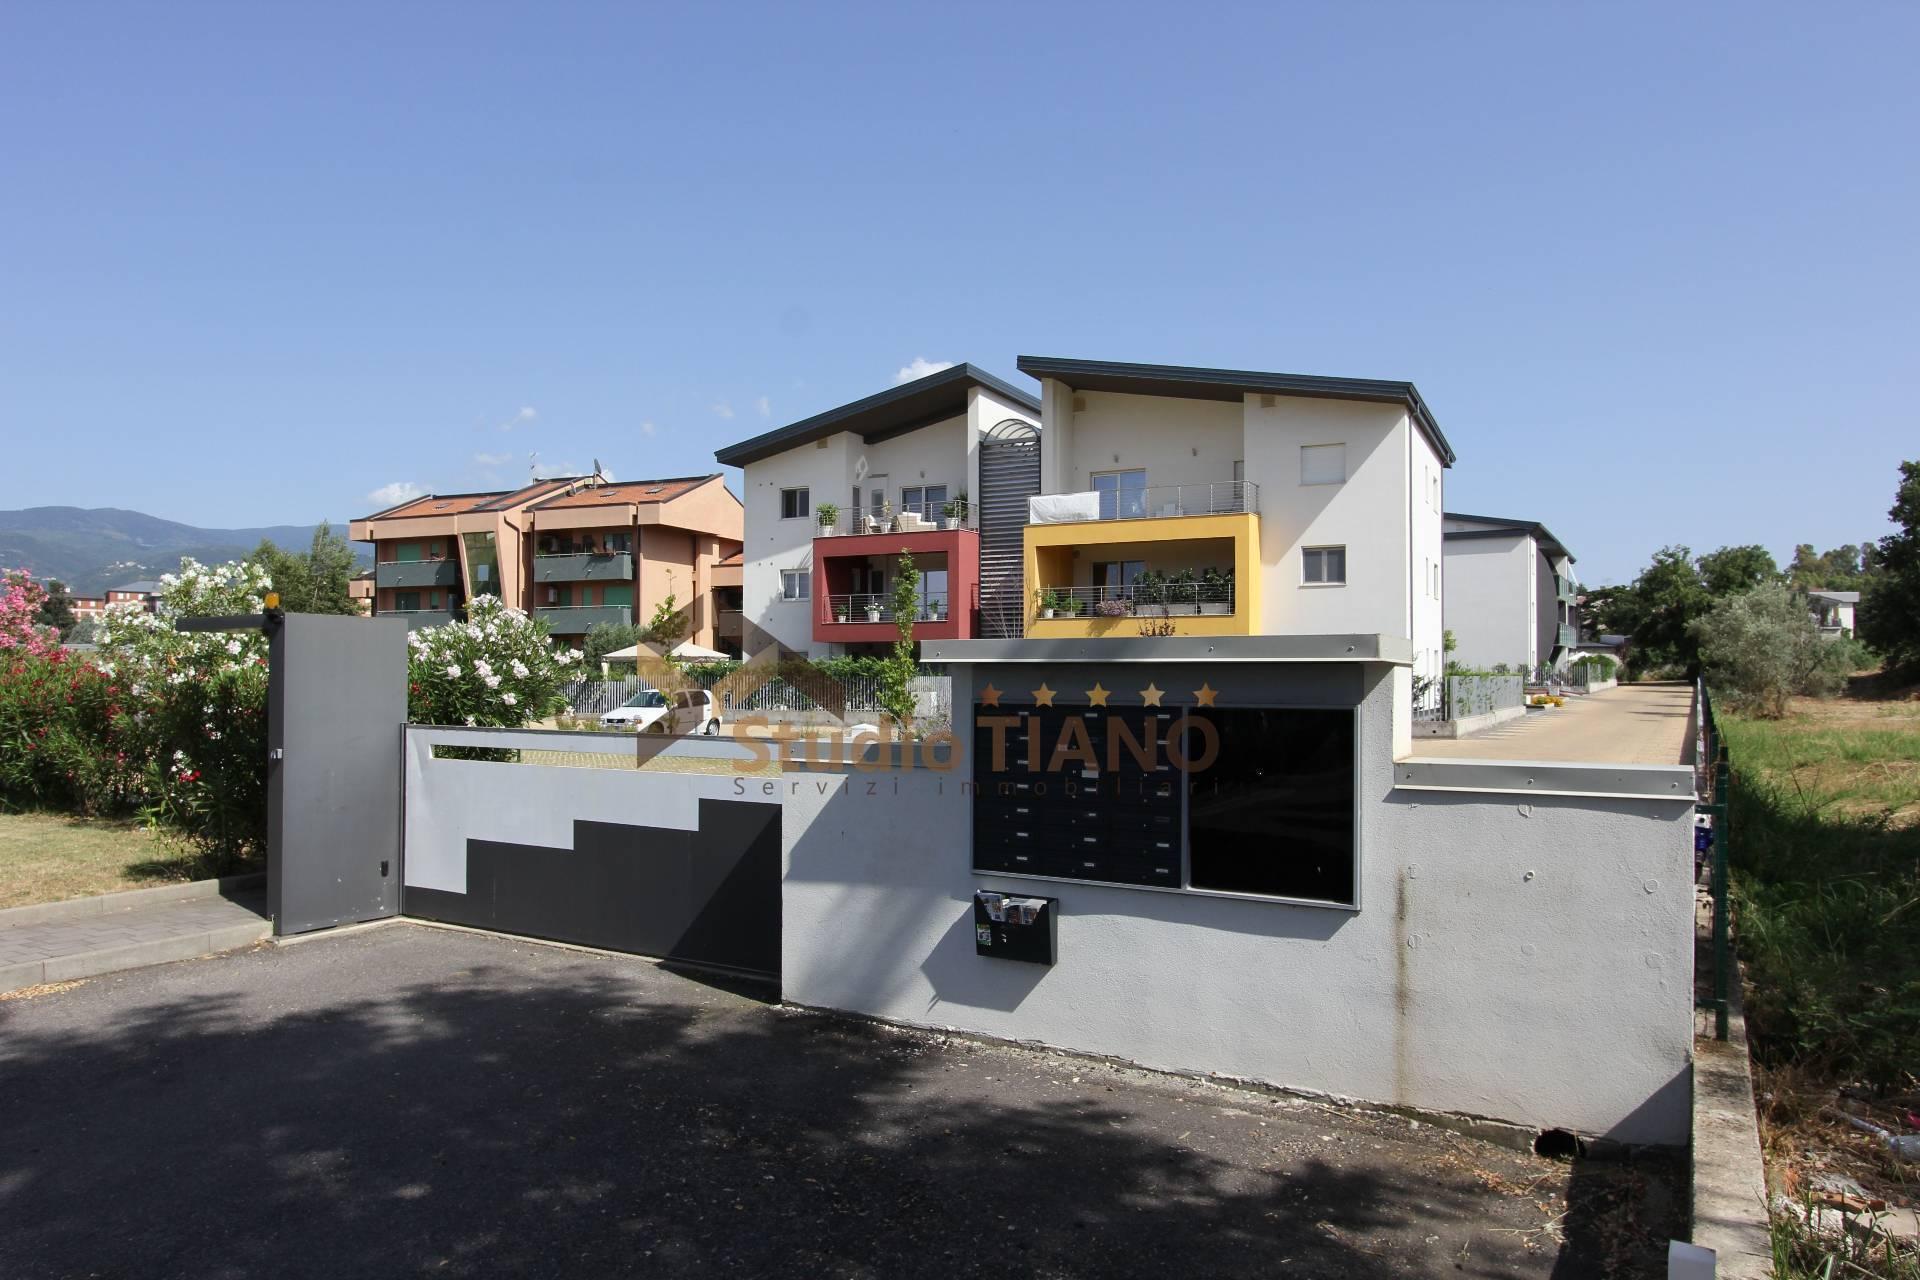 Appartamento in vendita a Rende, 3 locali, zona Località: Roges-Commenda, prezzo € 205.000   PortaleAgenzieImmobiliari.it